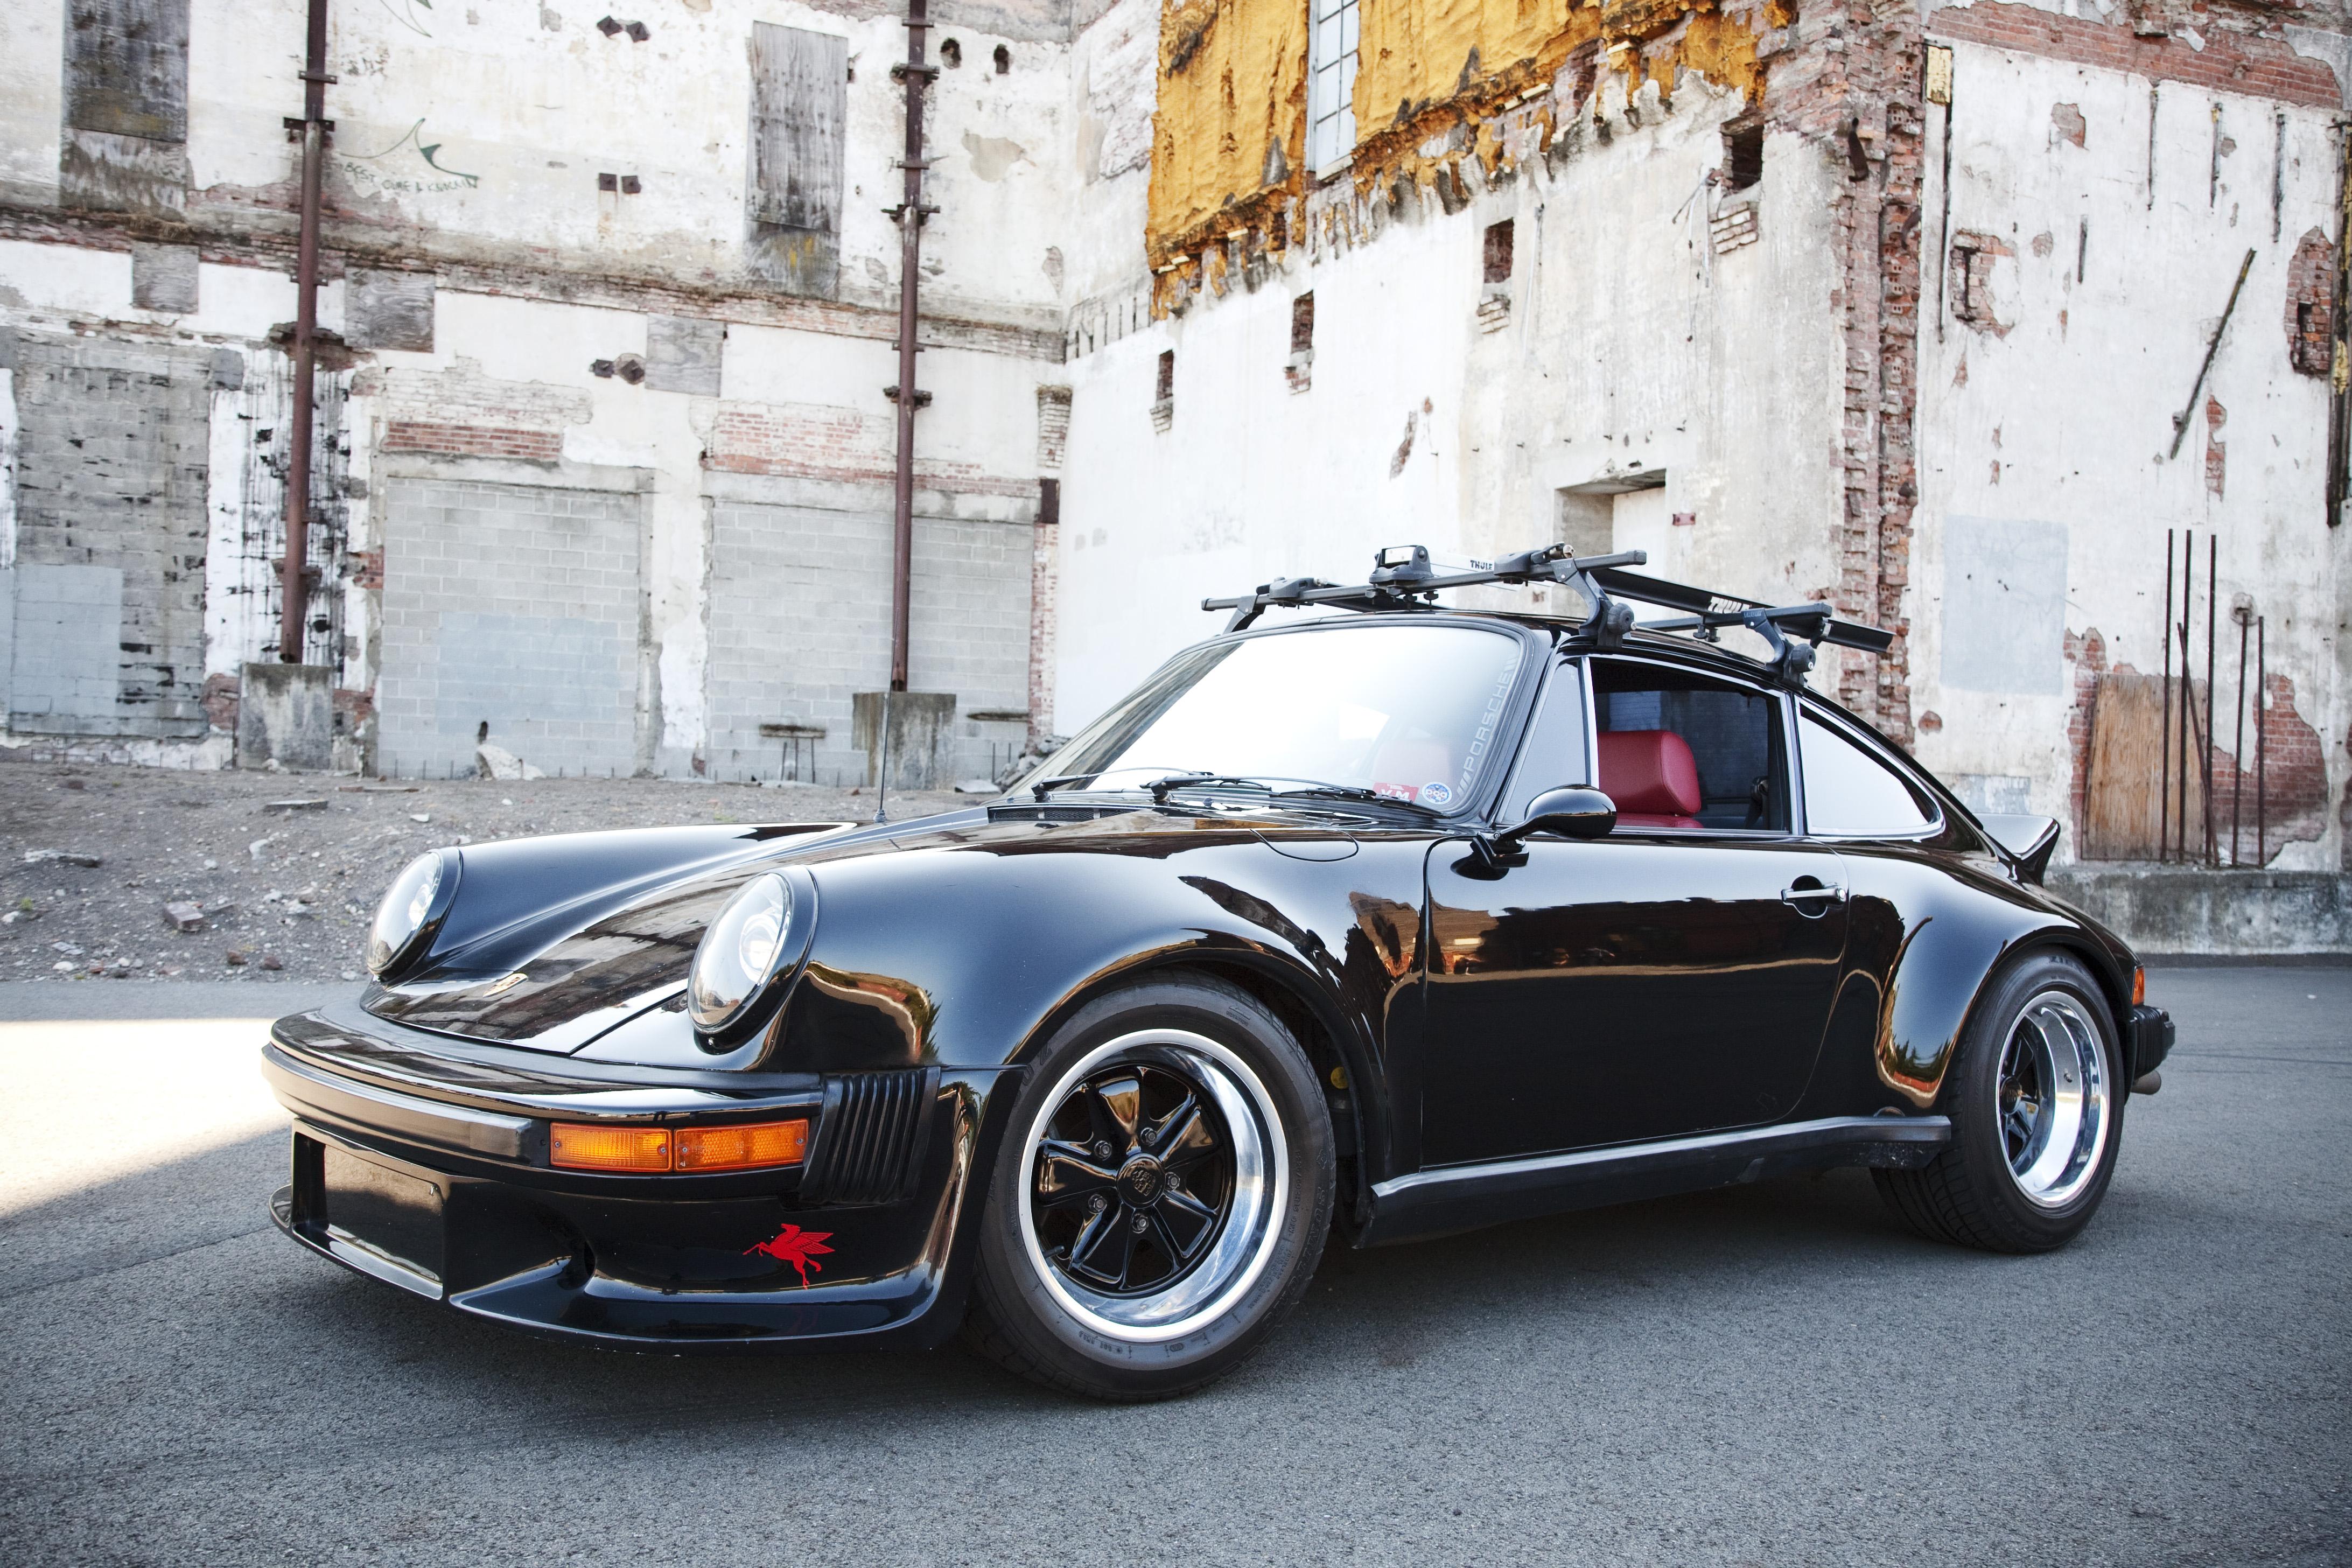 1980 Porsche 911 Sc Widebody Rsr Look Vintage Kraft